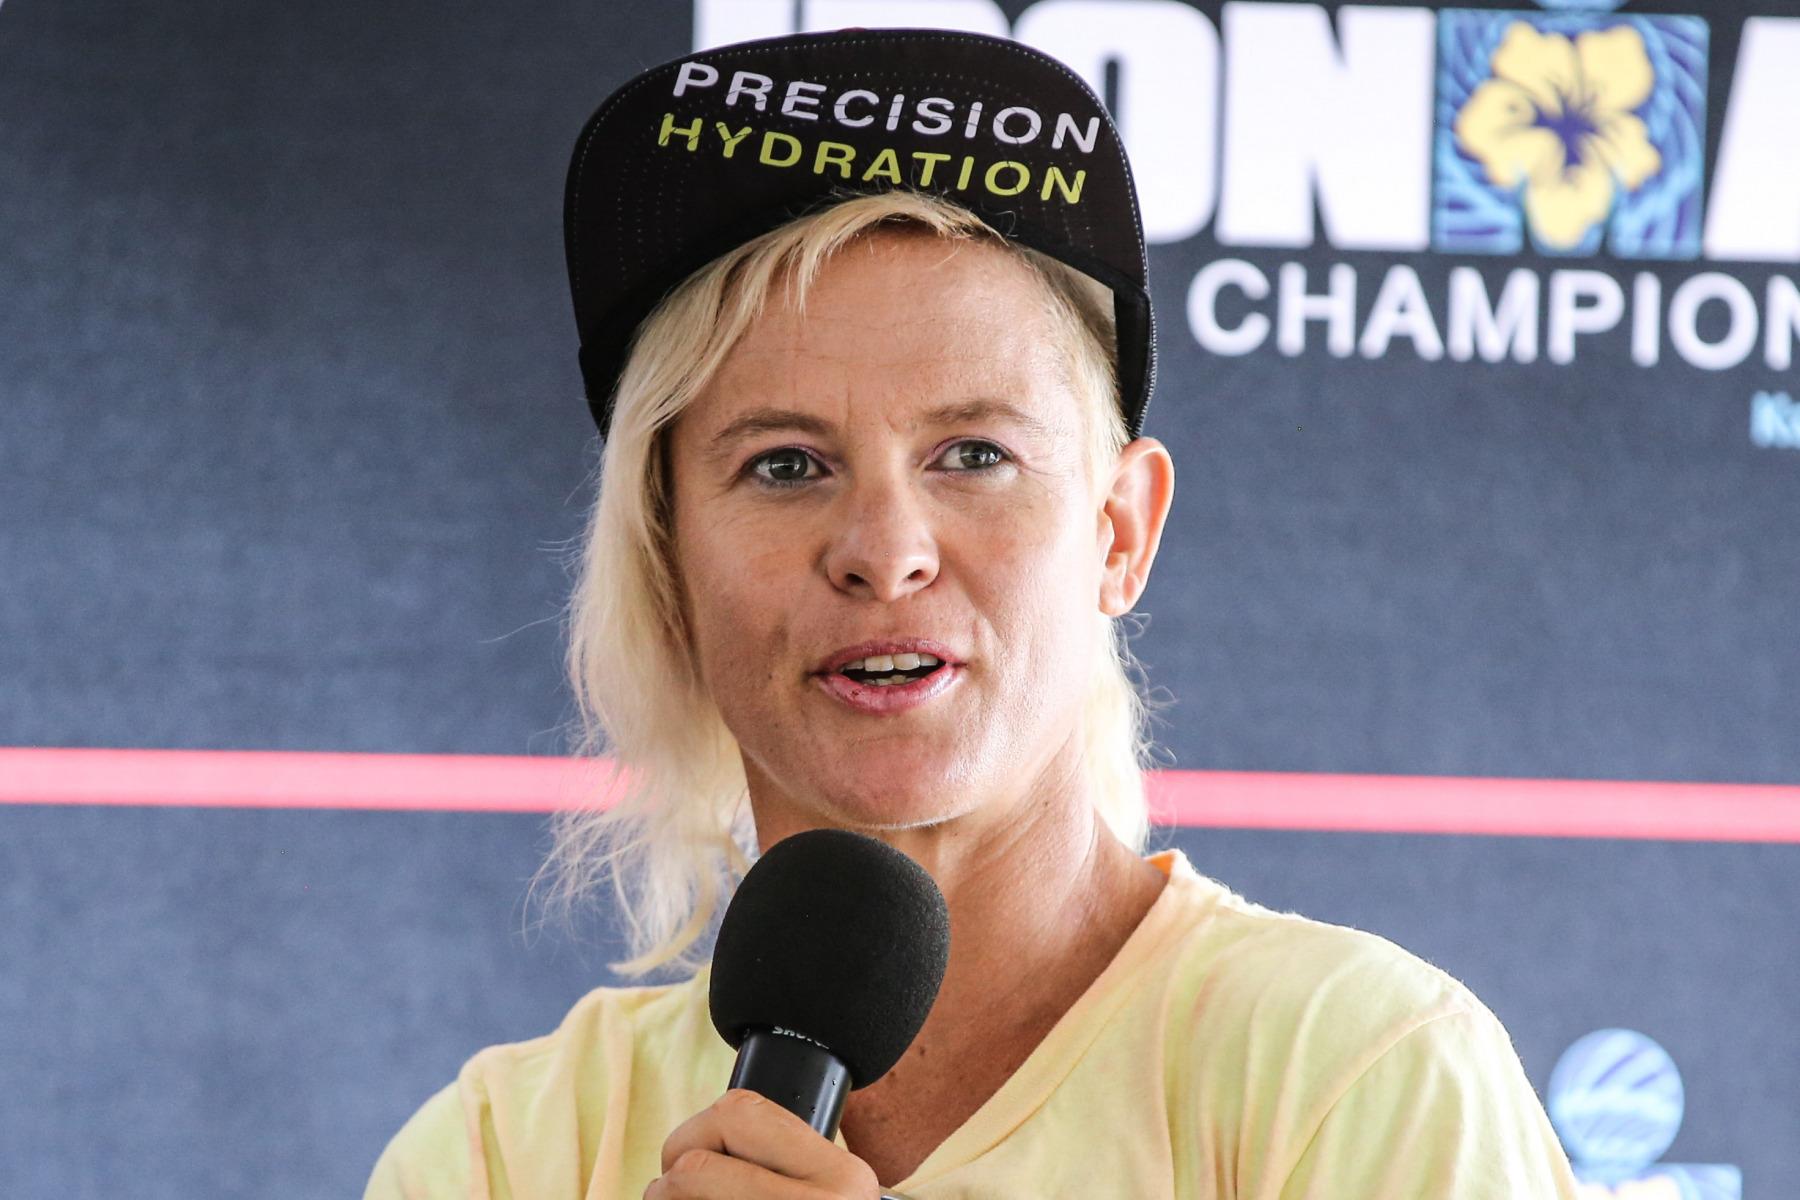 """Sarah Crowley (6. Platz 2018): """"Es ist fast unmöglich, hier sein eigenes Rennen zu machen. Es ist eine Weltmeisterschaft, da läuft nicht immer alles nach Plan. Das Frauenfeld ist sehr stark dieses Jahr."""""""